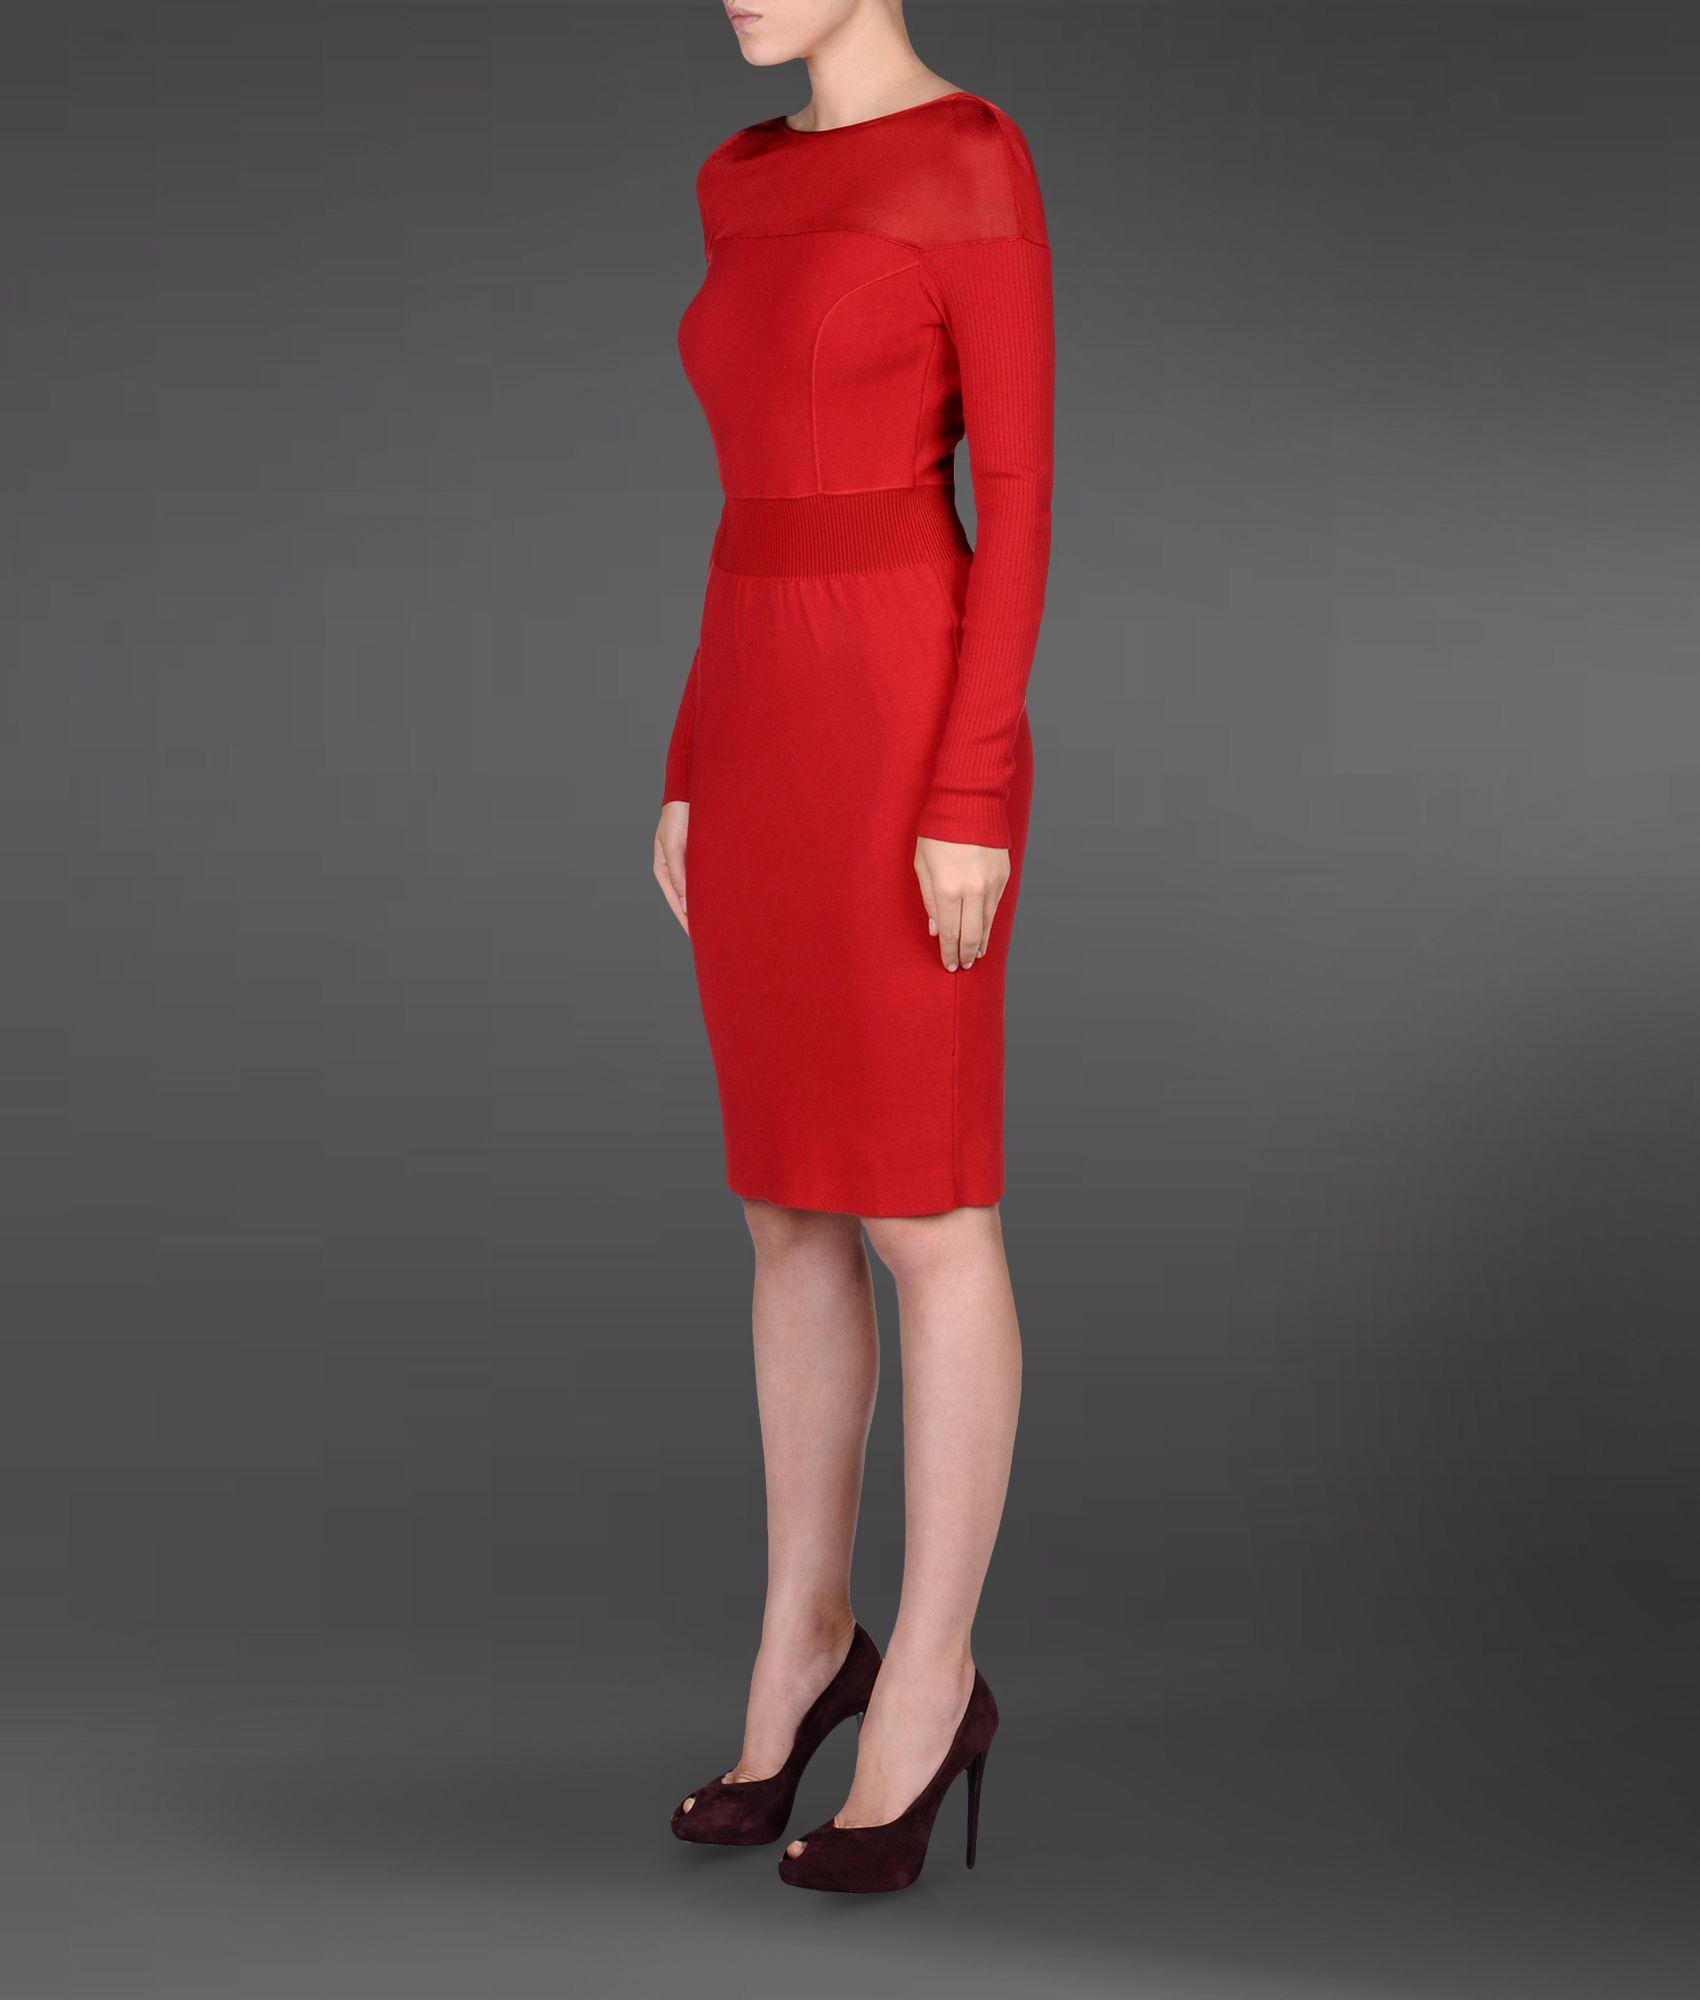 DRESSES - Short dresses Emporio Armani o4zHY